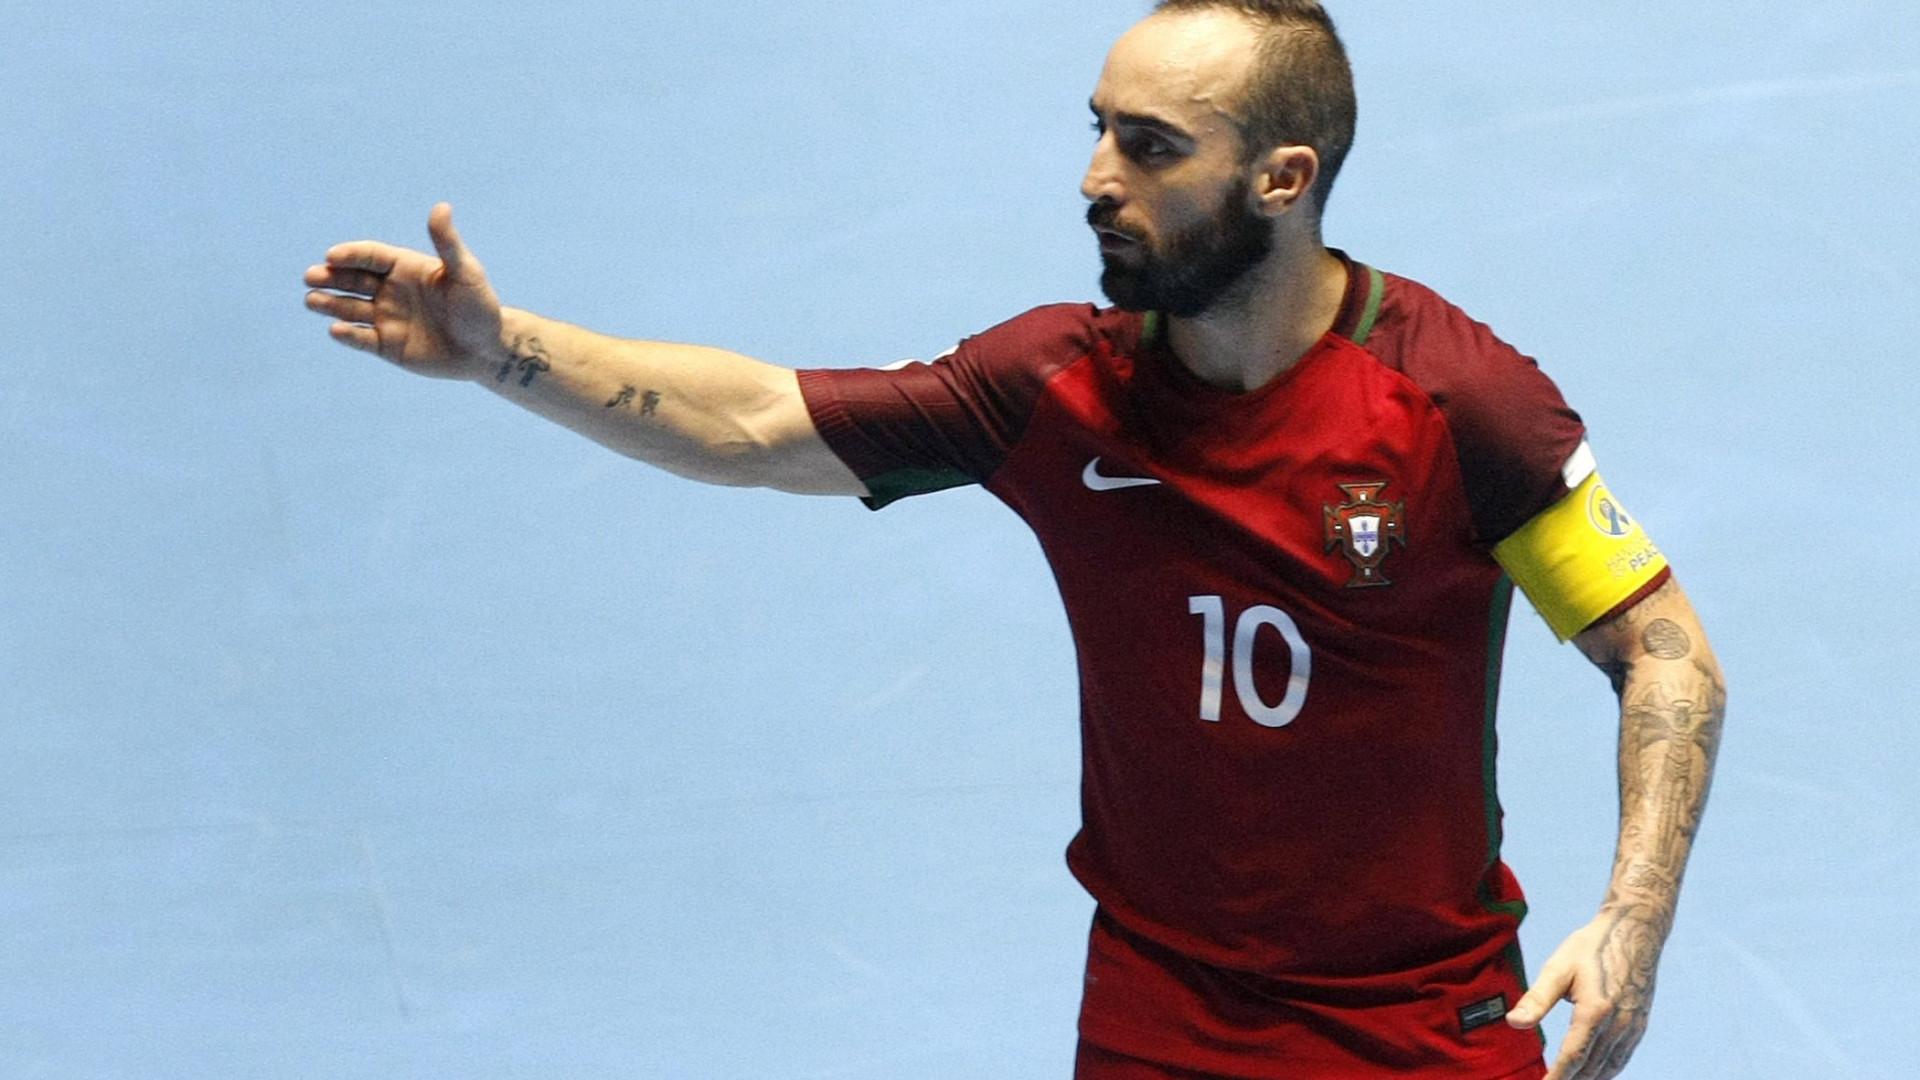 Seleção portuguesa de futsal vence Eslovénia por 6-4 em jogo particular